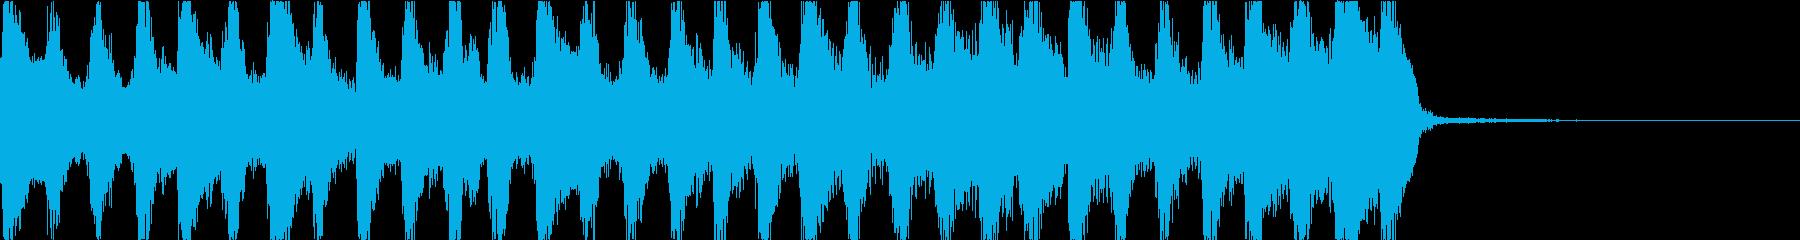 爽やかなストリングスジングルの再生済みの波形